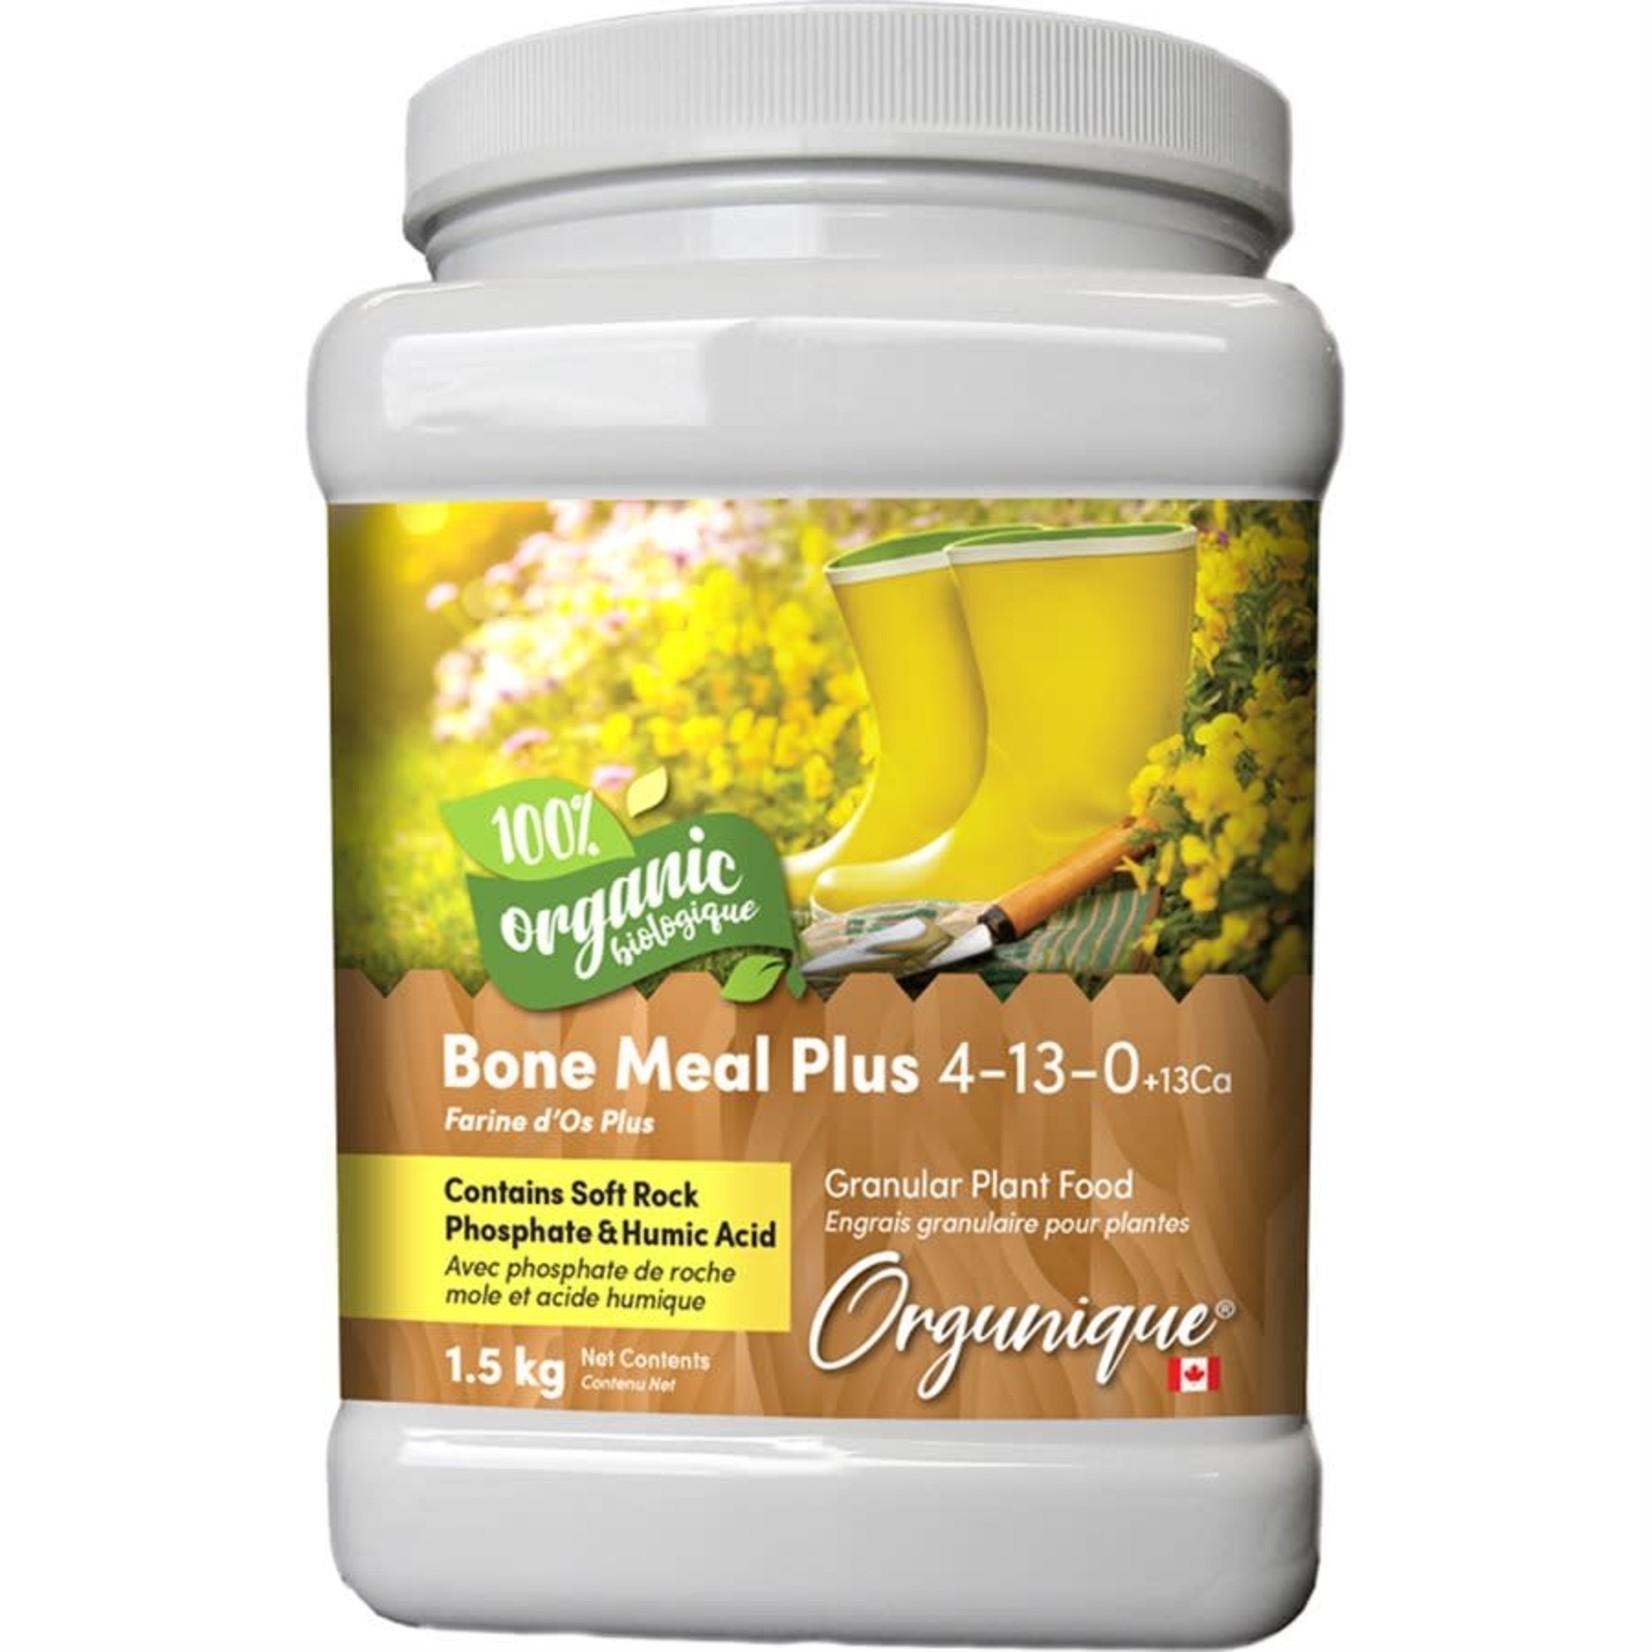 Orgunique Bone Meal Plus 3-15-0+18Ca 1.5kg